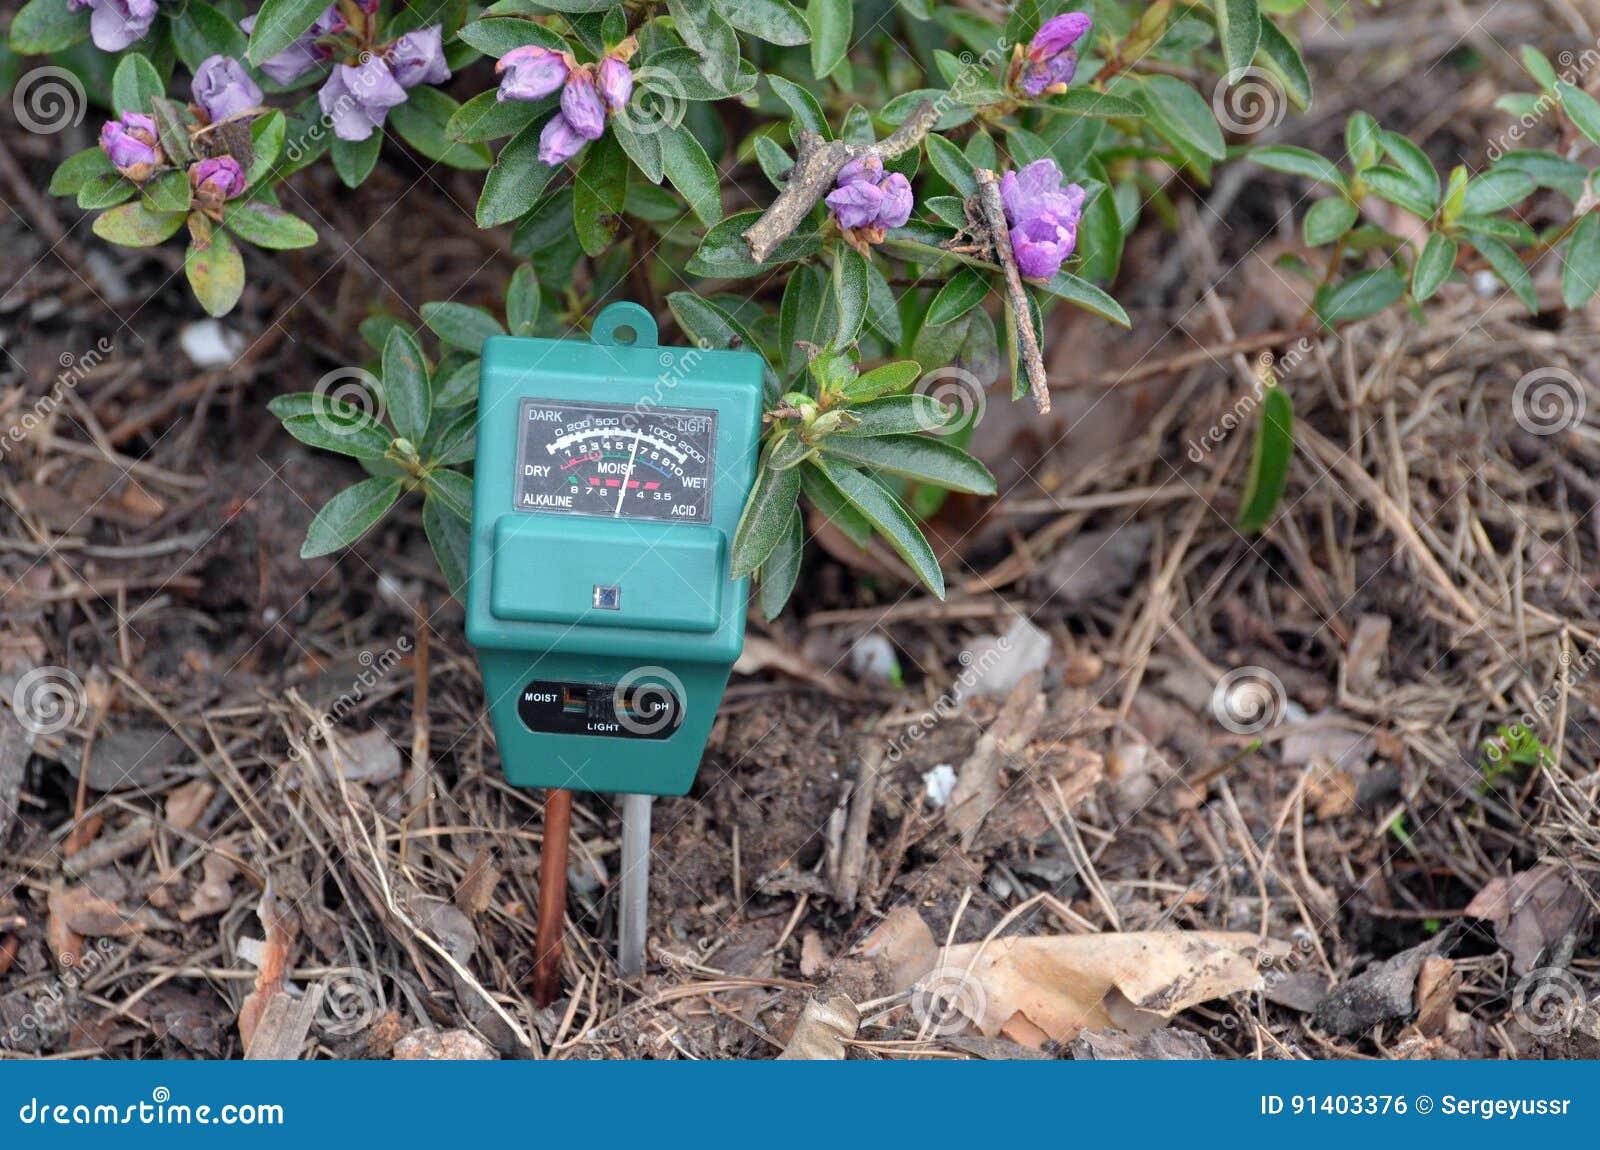 Compteur pH dans le jardin